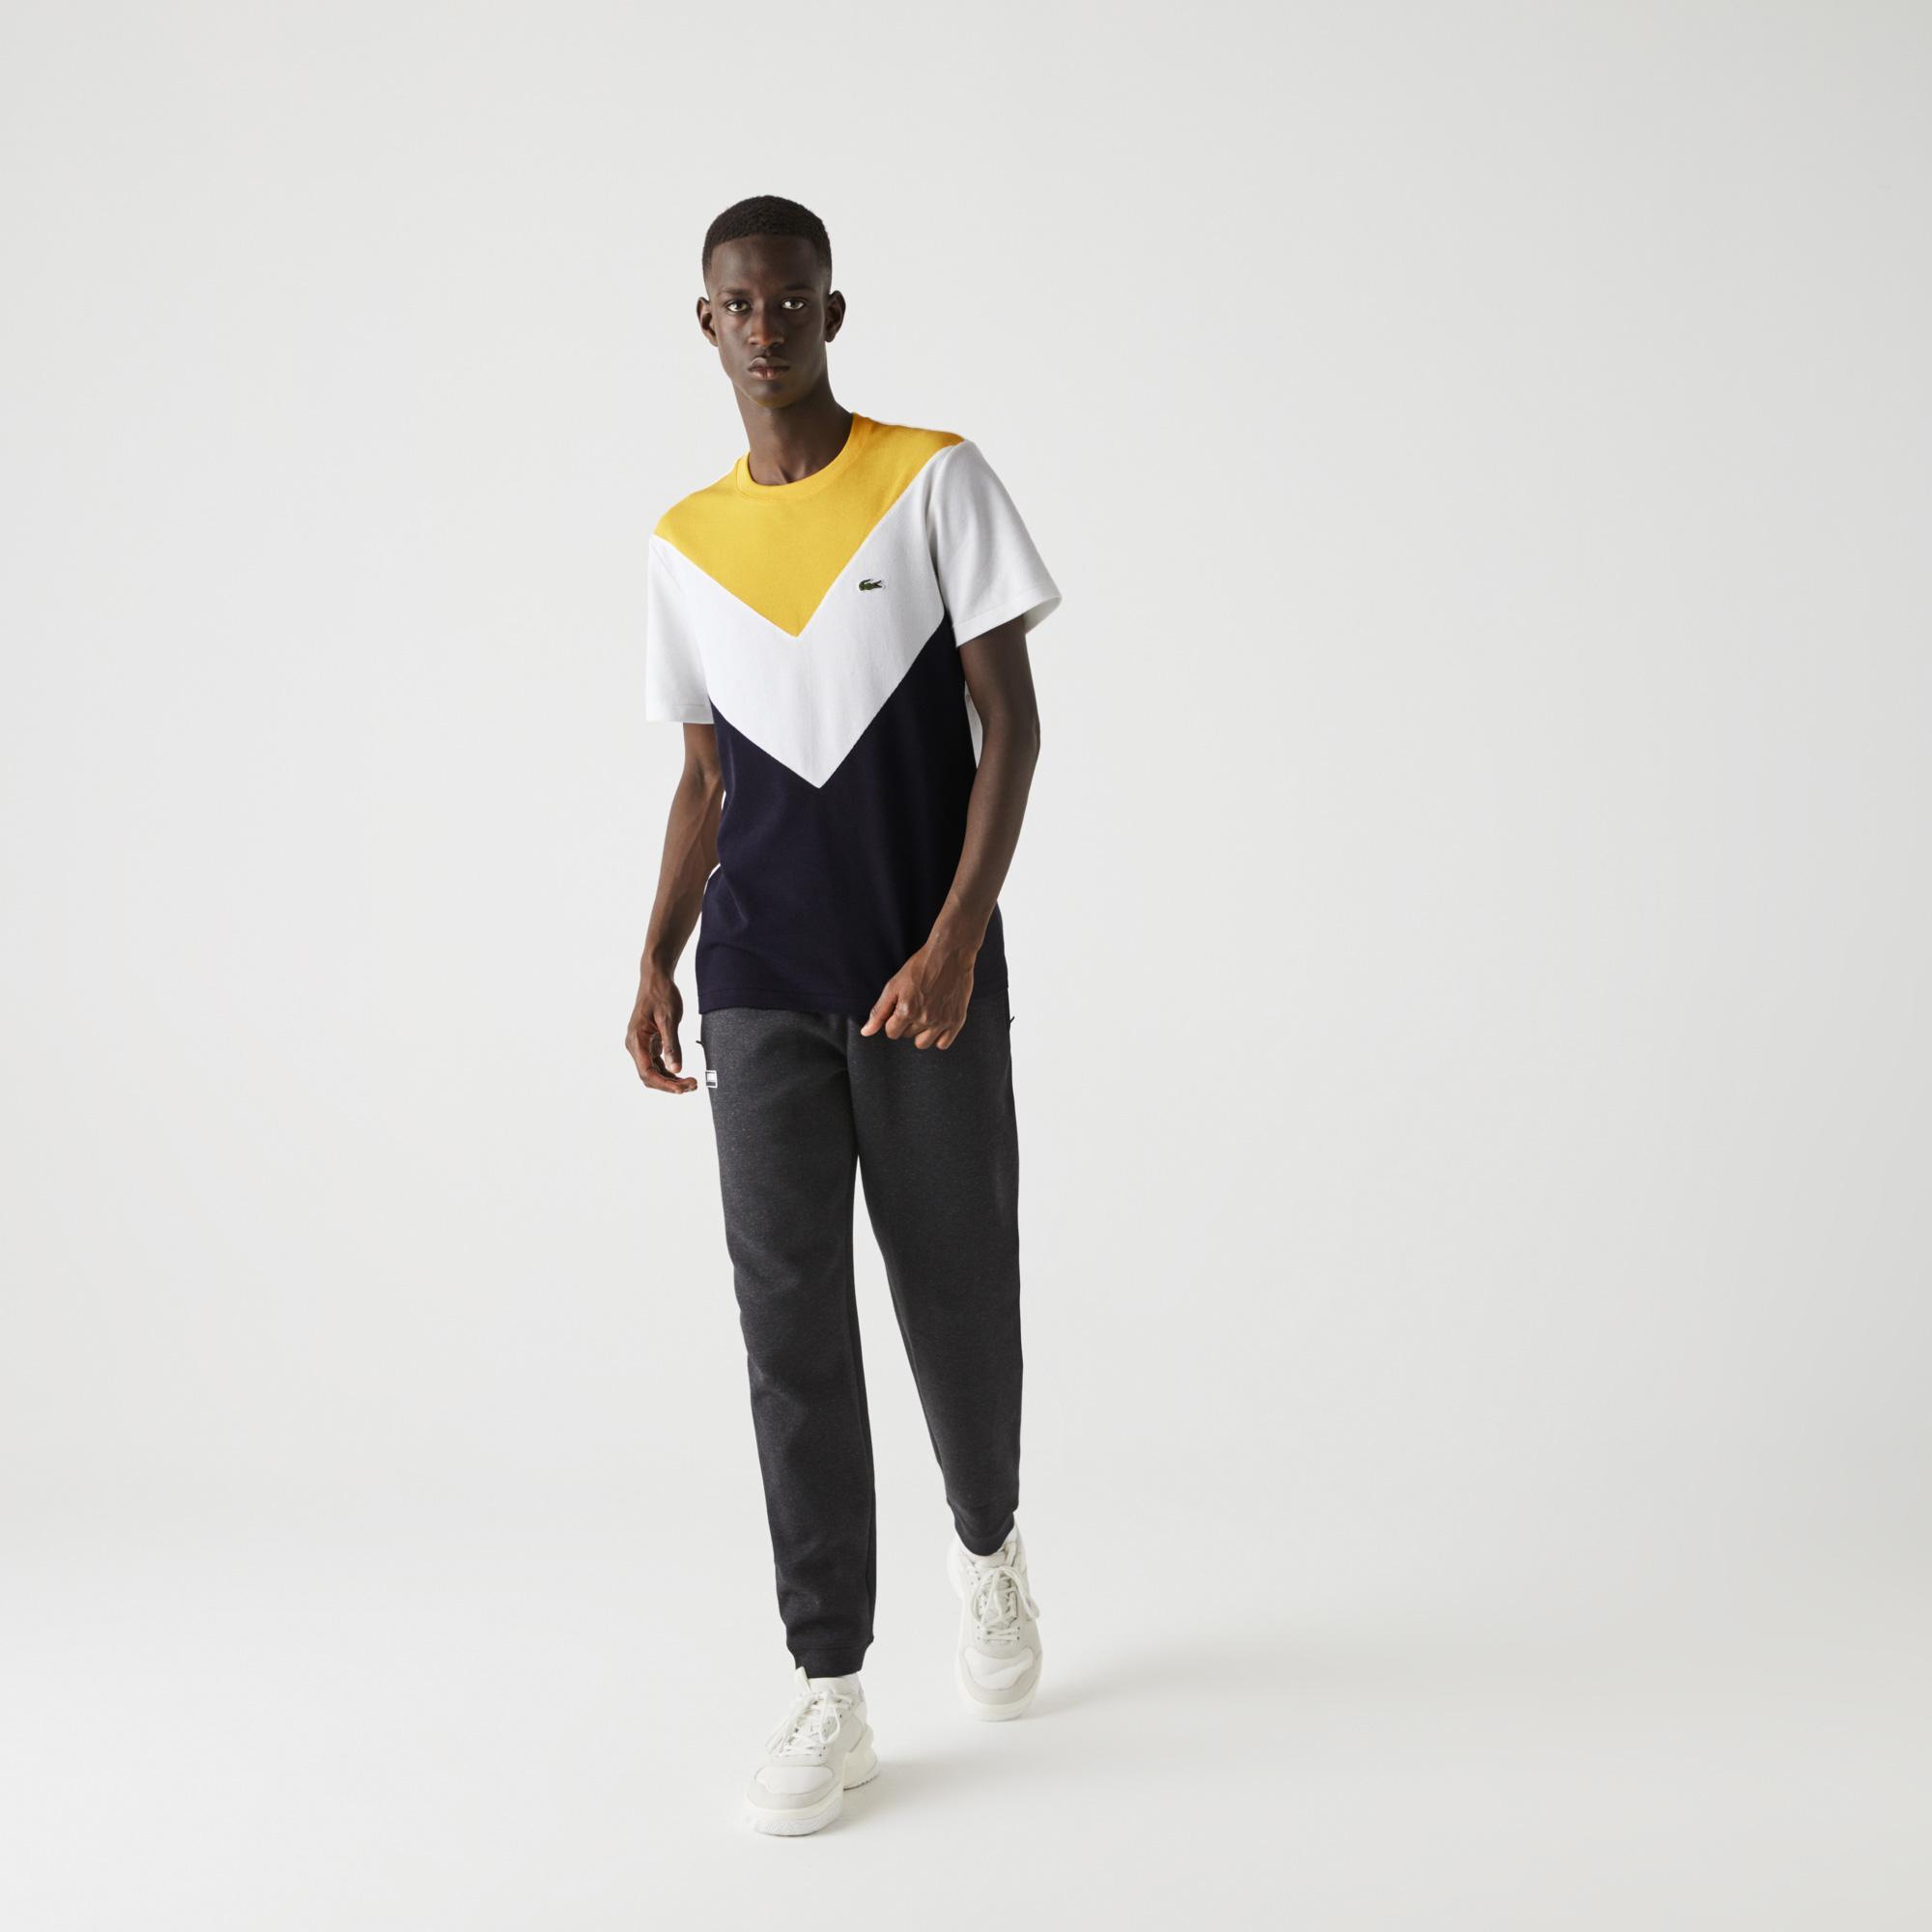 Lacoste Męski T-Shirt Z Piki Z Mieszanki Bawełny Z Okrągłym Wycięciem Pod Szyją W Bloki Kolorystyczne